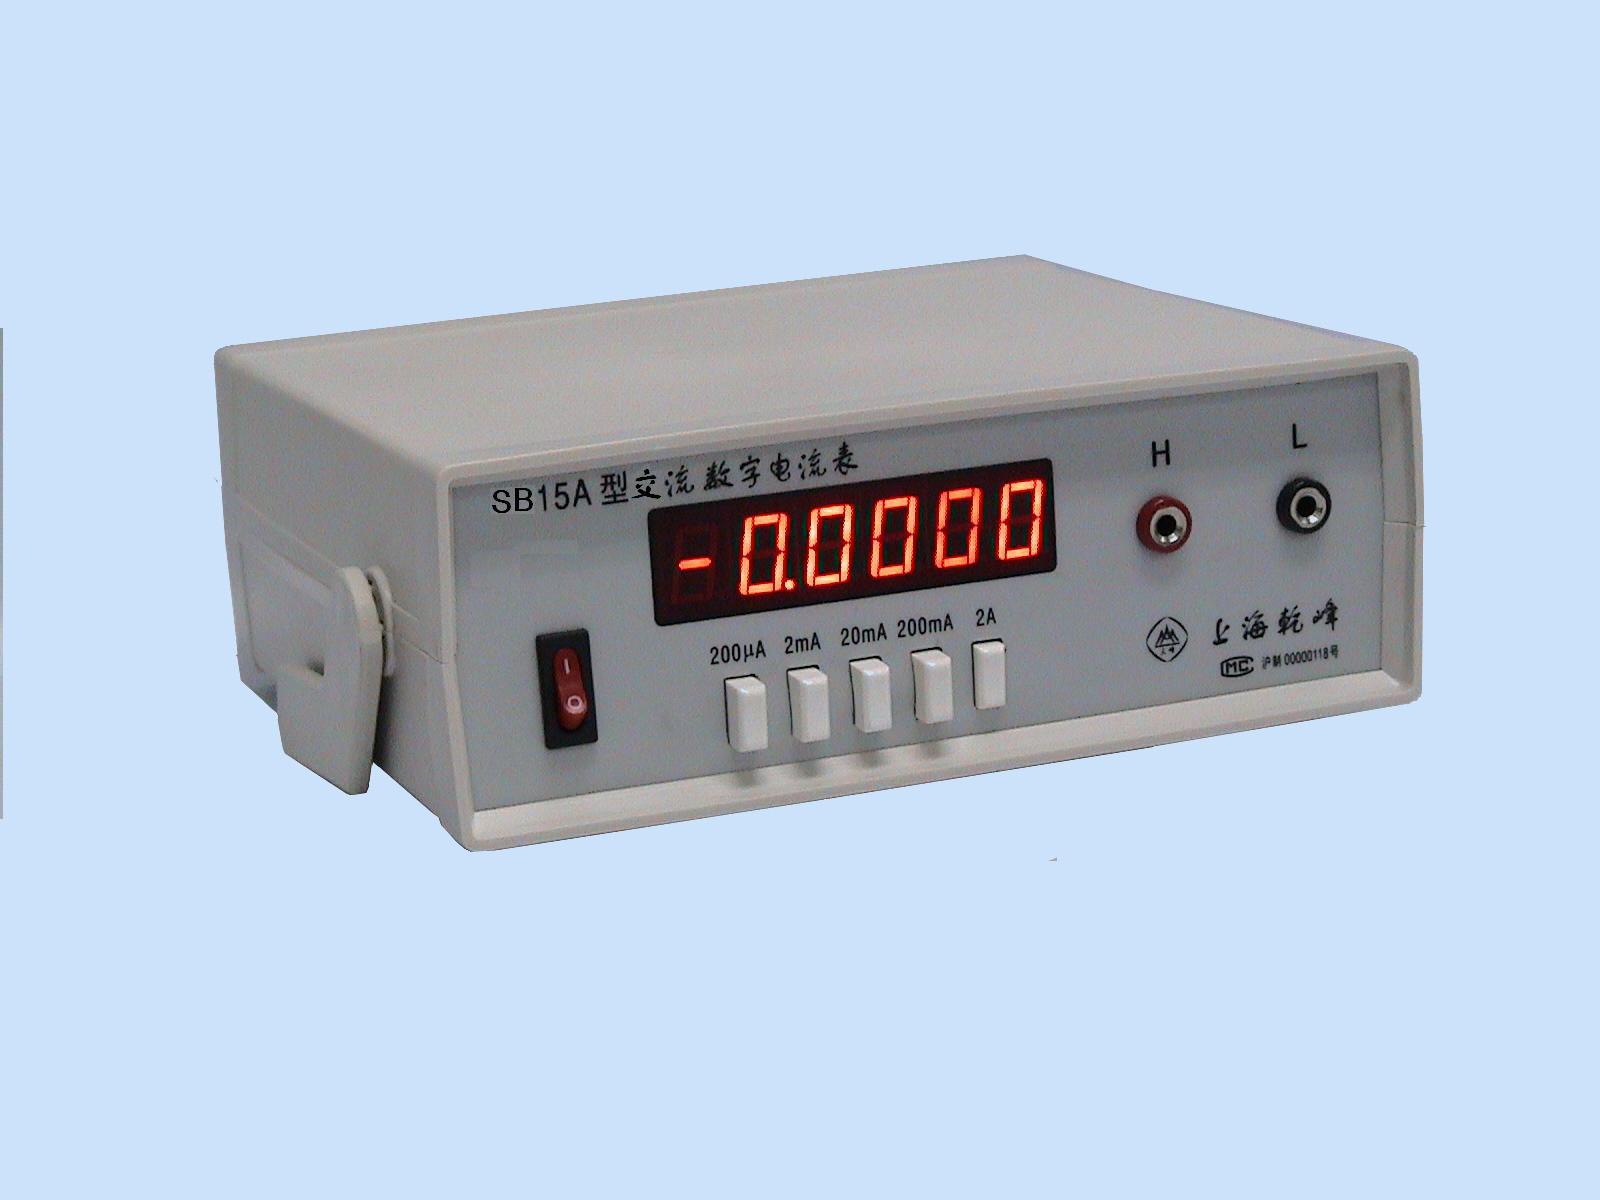 SB15A/1型交流数字电流表校准仪,多功能校准仪,电压表,直流电压表,四探针,高温超导,欧姆表,电位差计,万用表,直流,交流,电子产品,电子仪器电位差计,数字电位差计,YJ108B/1数字电位差计,YJ108B/2数字电位差计,多用表,数字多用表,PF66系列数字多用表,PF66G数字多用表,PF66B数字多用表,PF66K数字多用表,电流源,电压电流源,SB118直流电压电流源,面板表,数字面板表,PZ90系列数字面板表,PZ158P系列数字面板电压电流表,程控音频功率源,XC5050程控音频功率源,